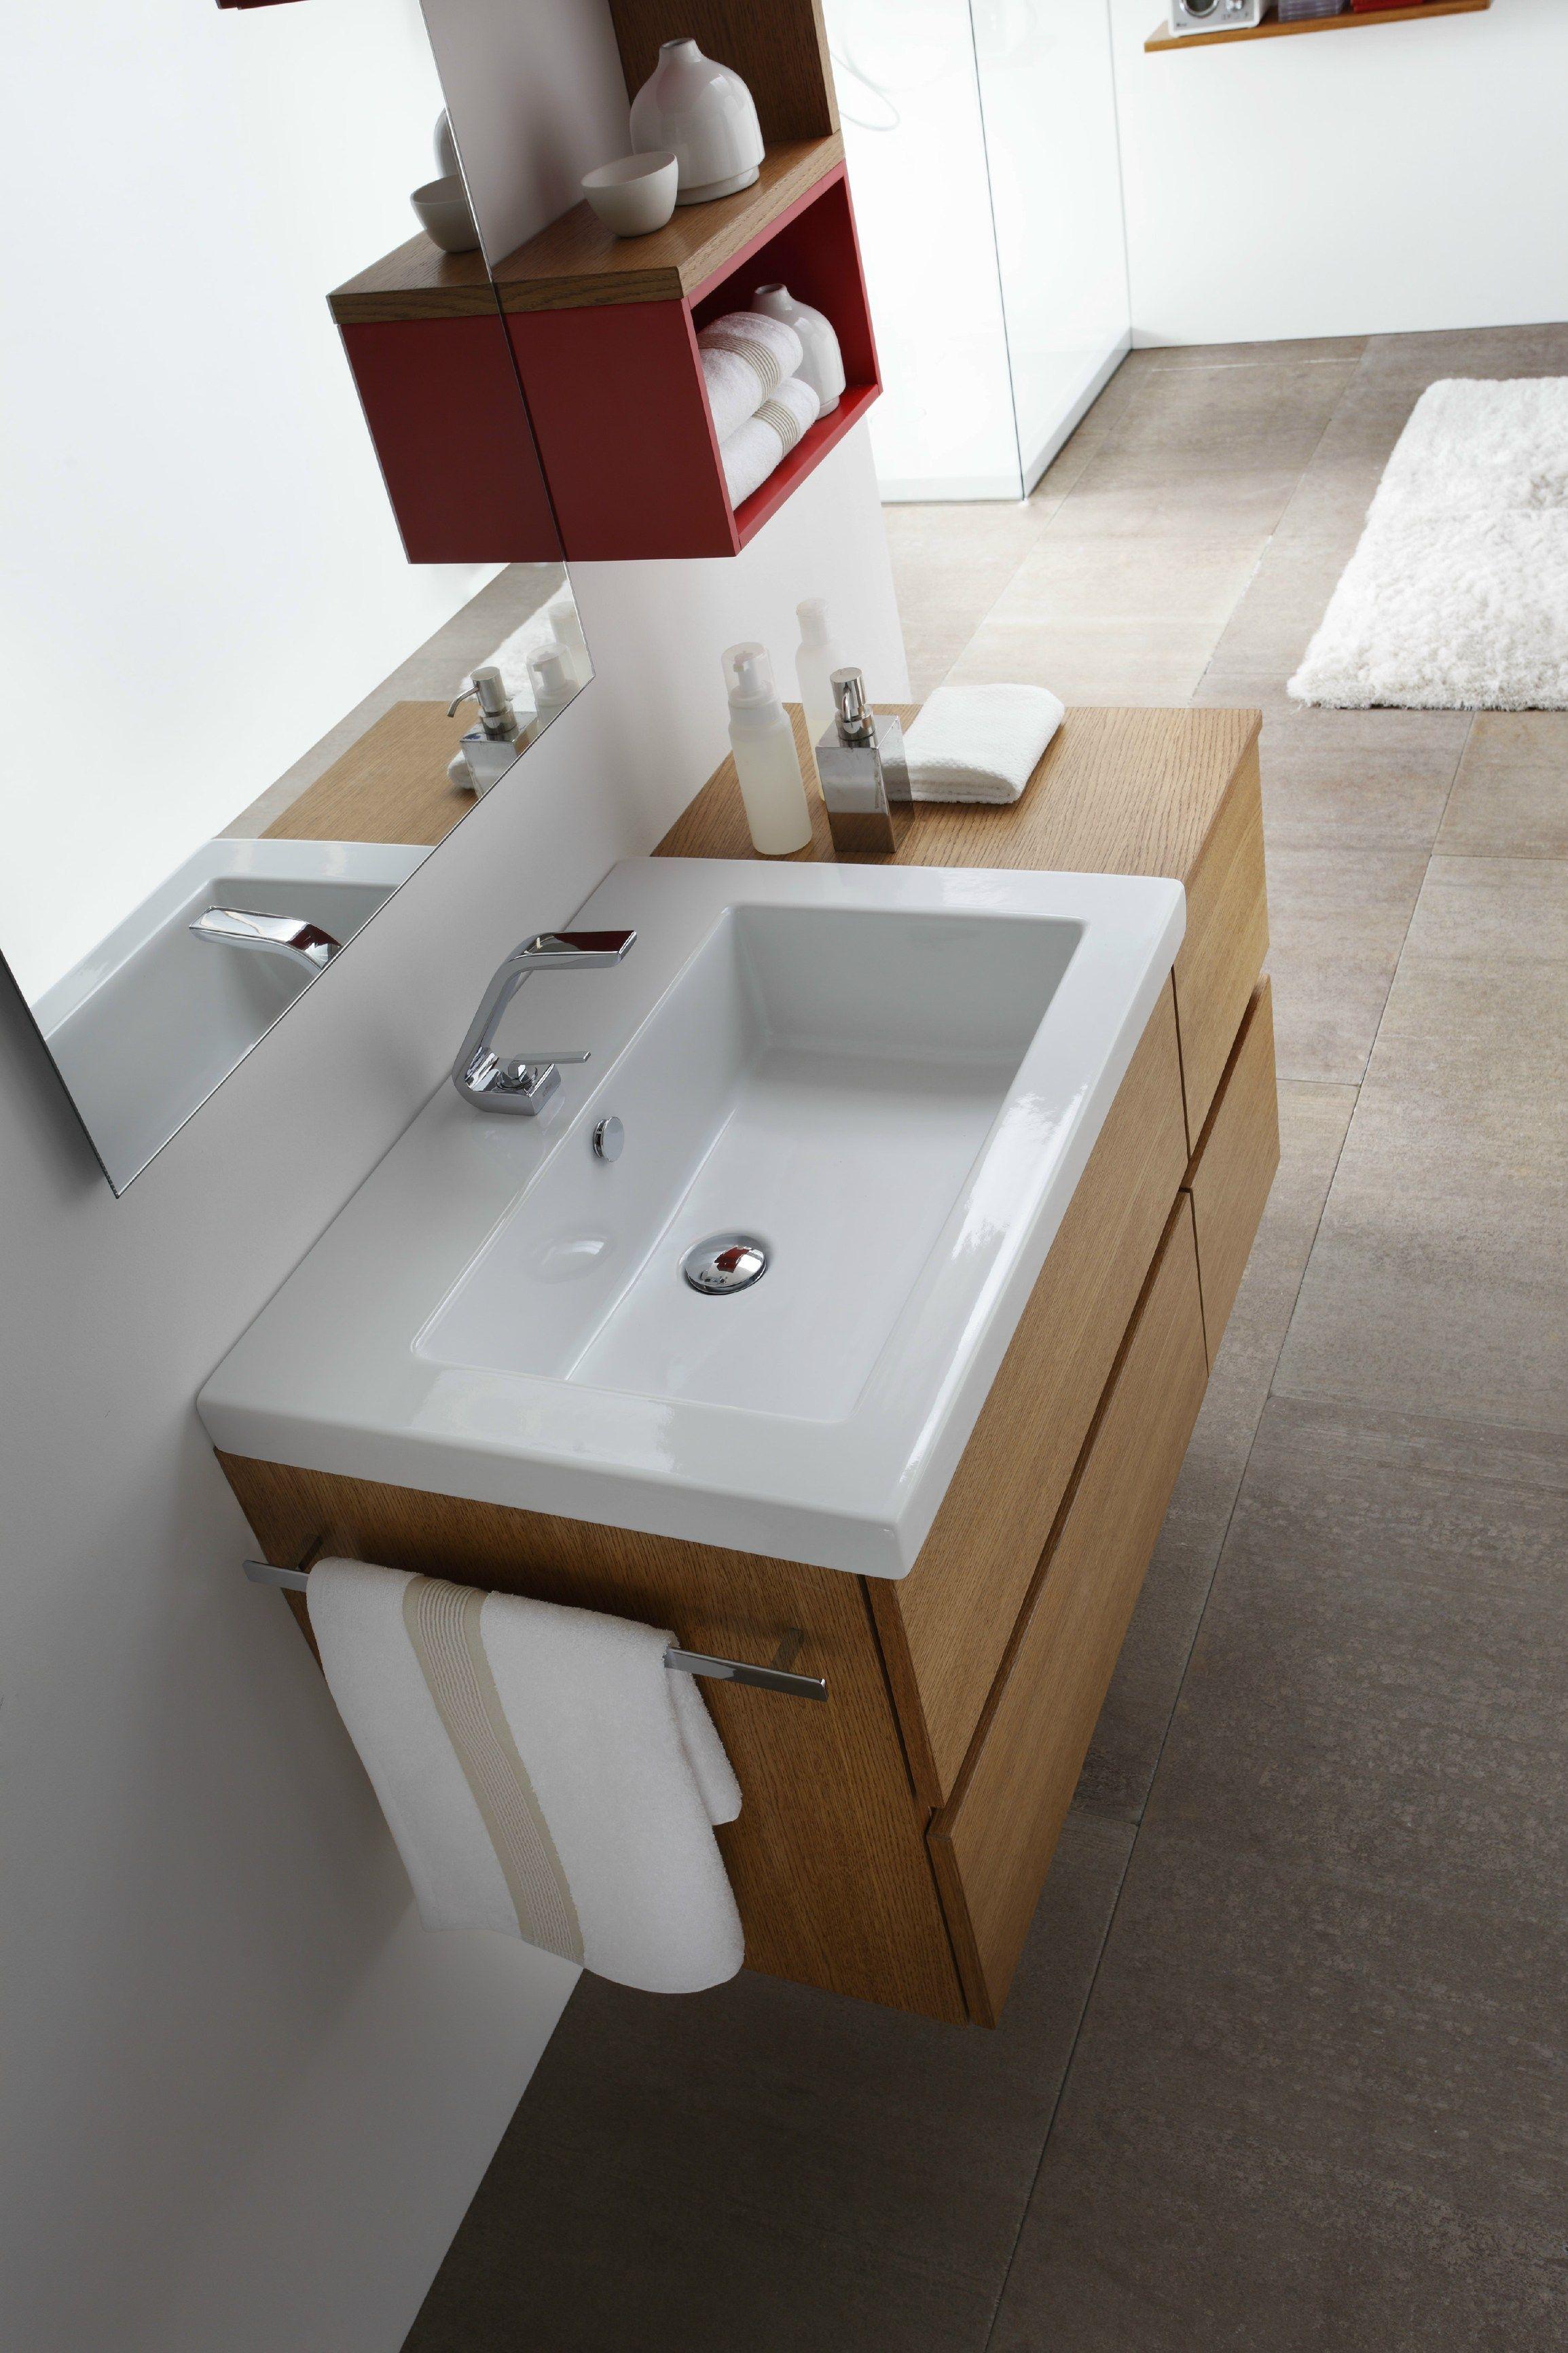 Arredo bagno completo ab 914 by rab arredobagno for Arredo bagno completo prezzi